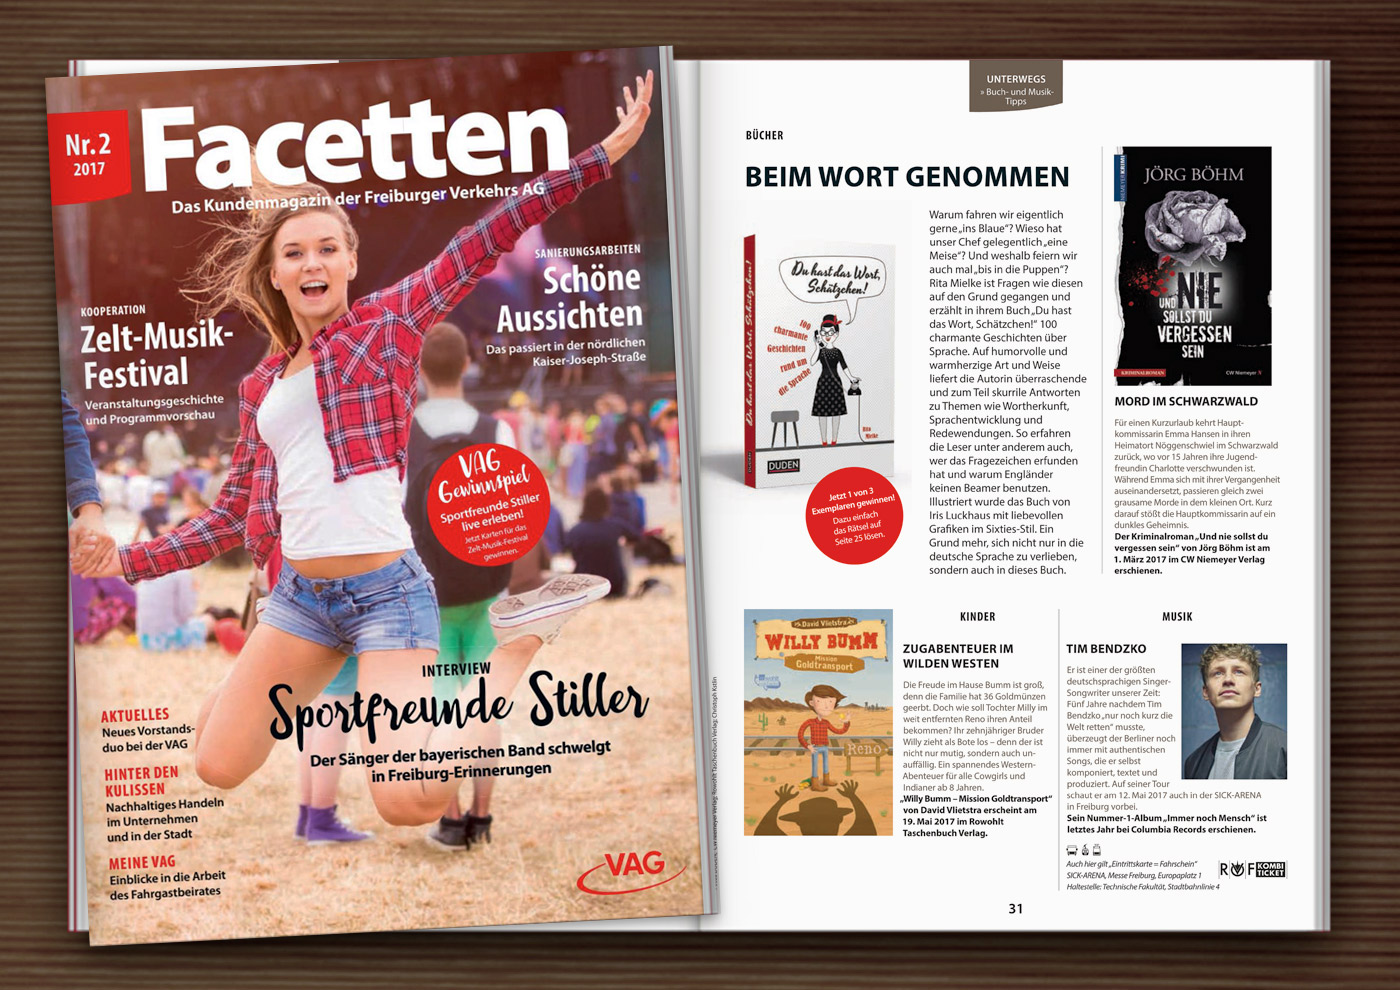 Wortschätzchen im VAG Facetten Magazin